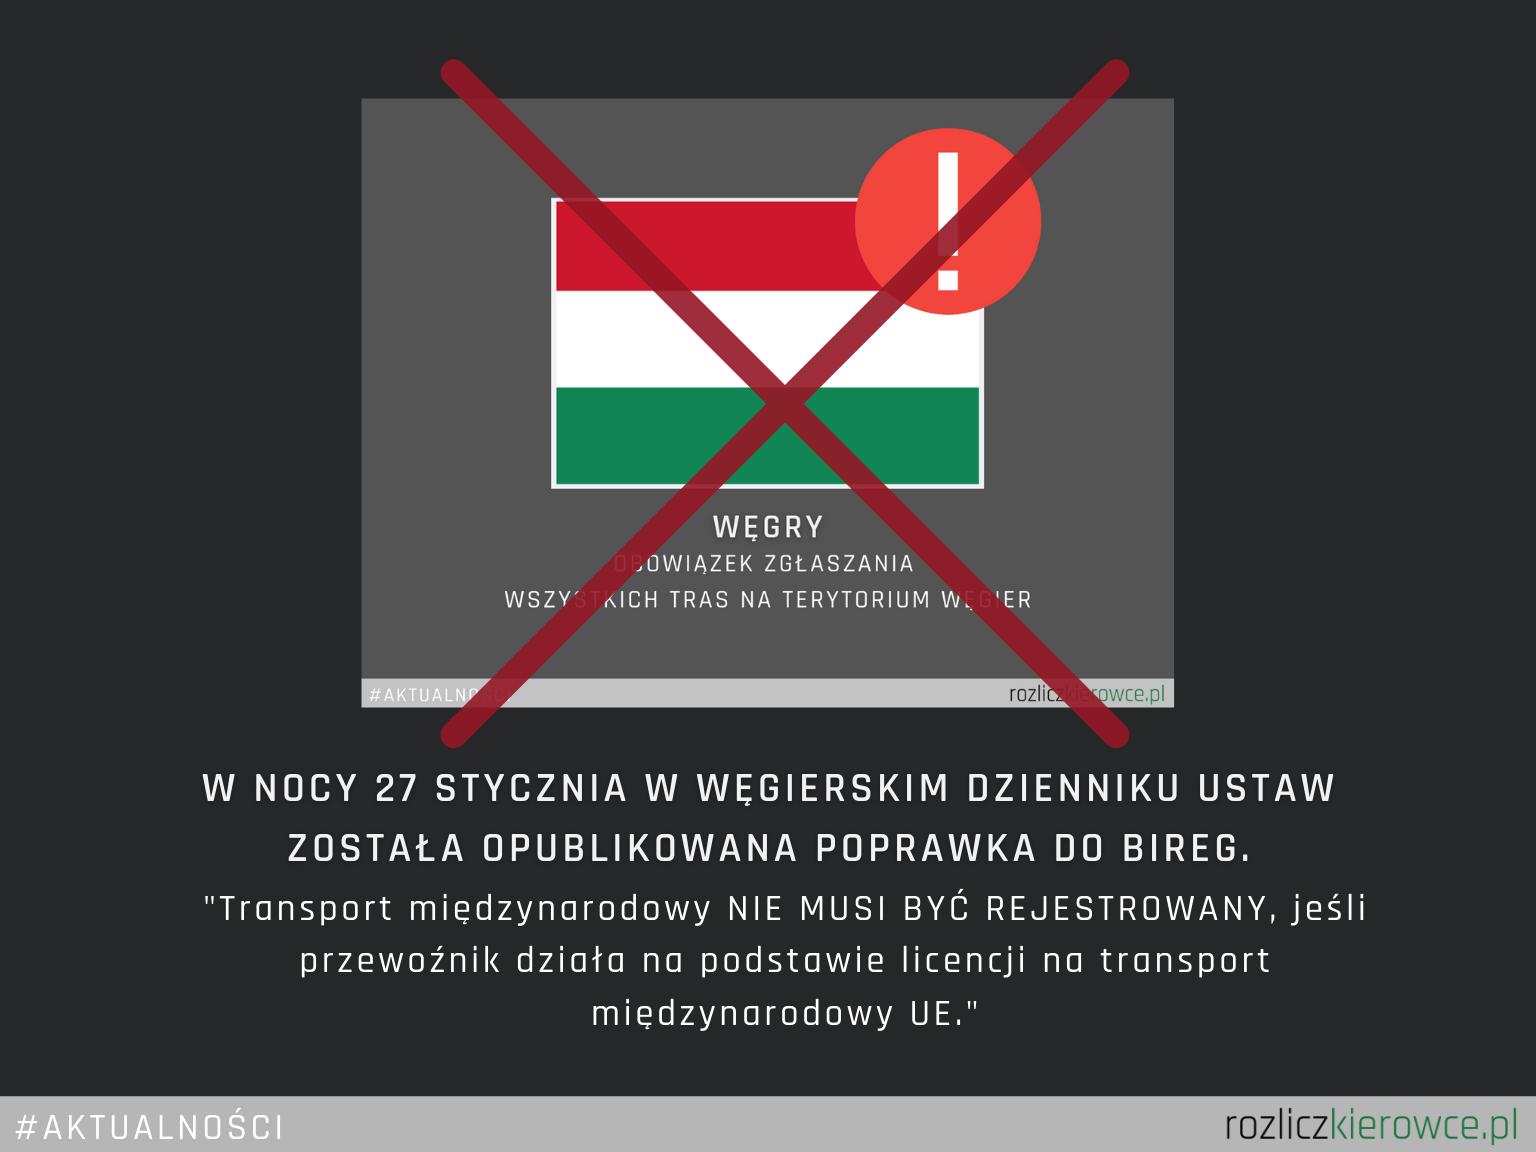 ❗️🚛🇭🇺 WĘGRY- ANULACJA! Obowiązku zgłaszania wszystkich tras na terytorium Węgier.